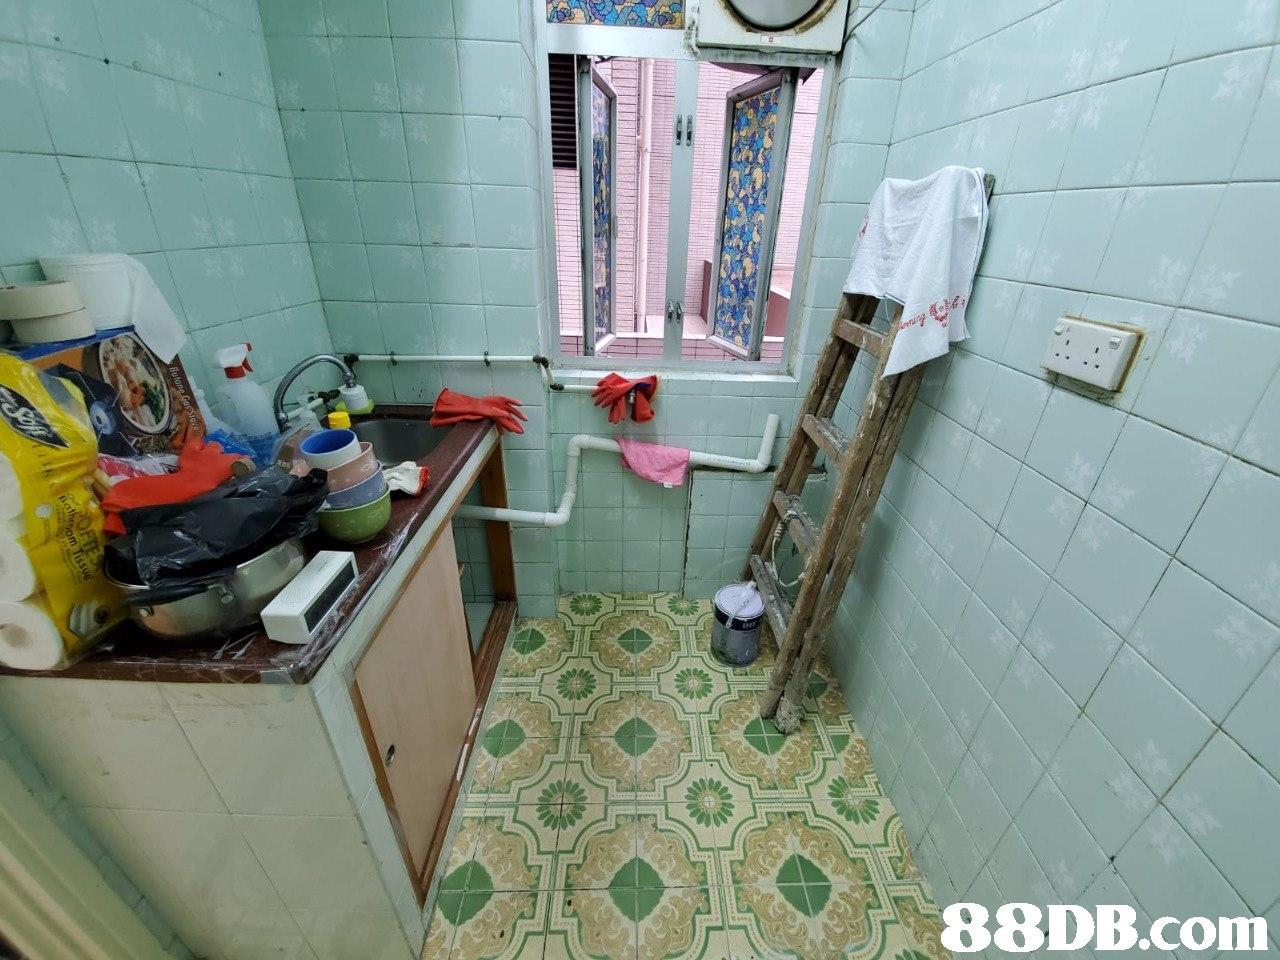 Property,Room,Floor,